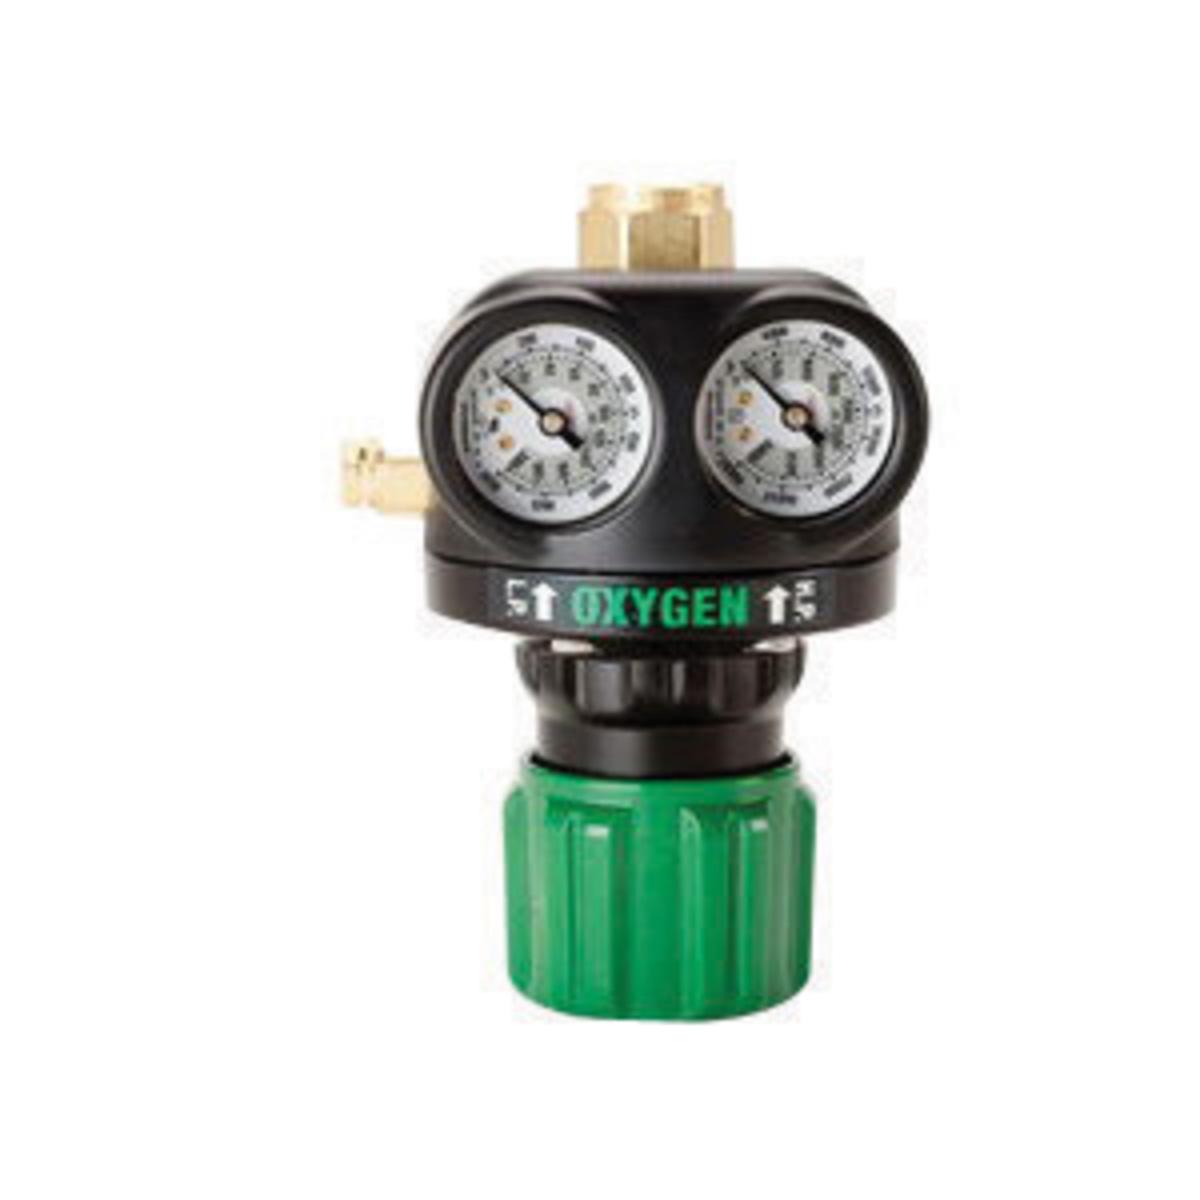 Airgas Vic0781 5192 Victor 174 Model Est4 80 024 Edge